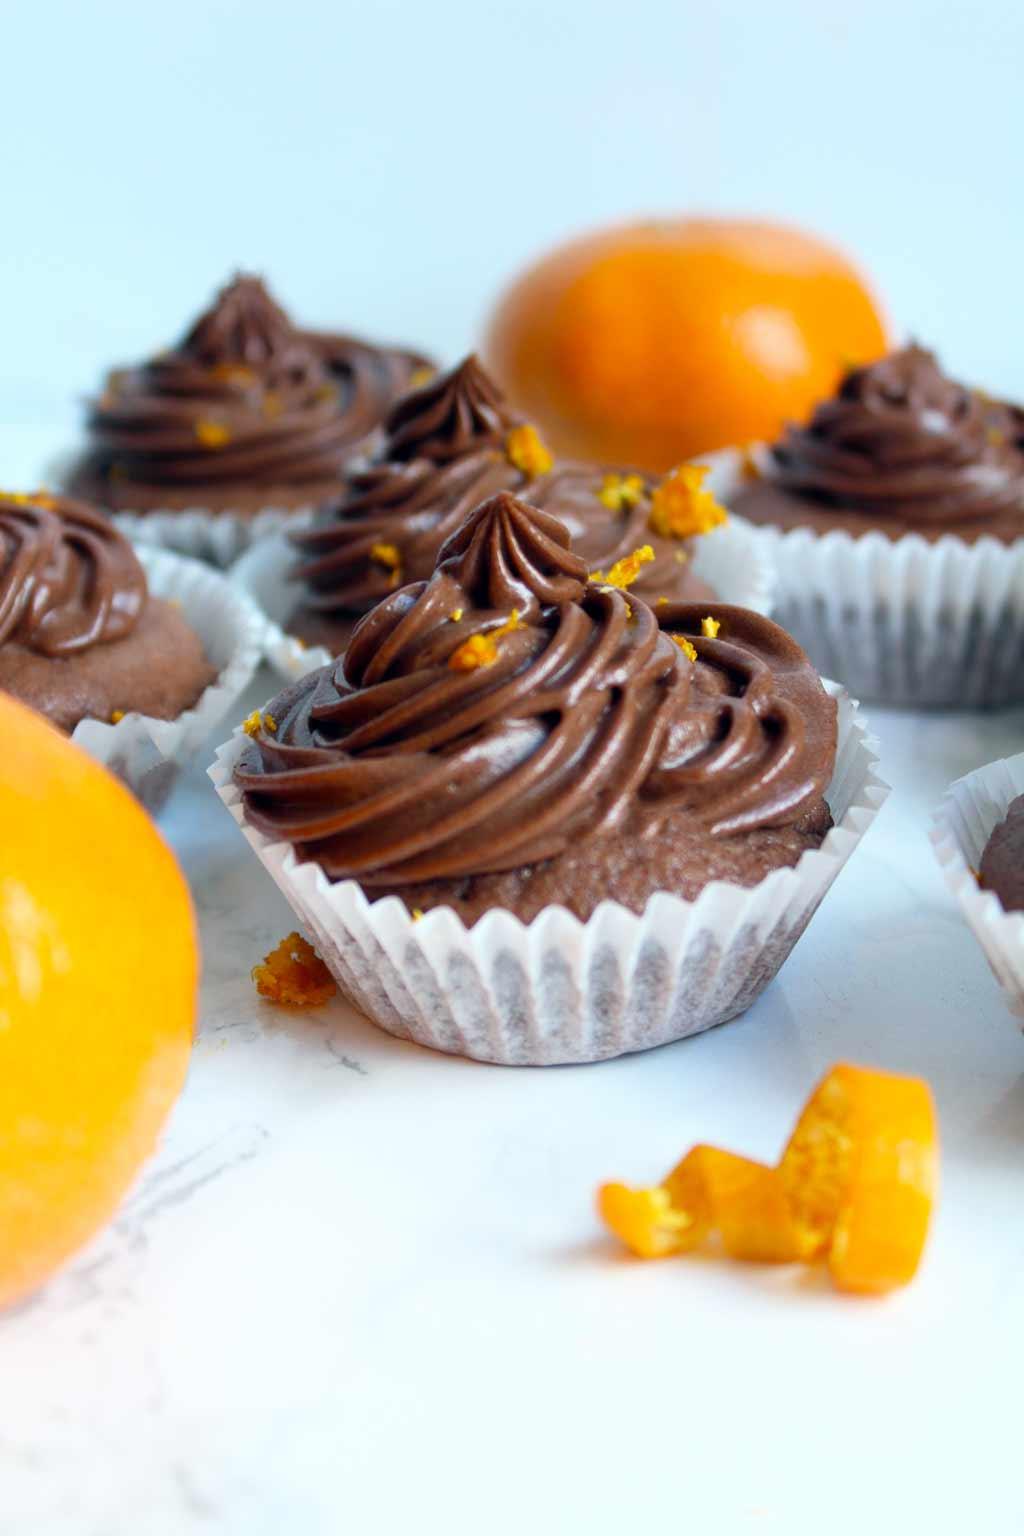 vegan chocolate orange cupcakes and two oranges